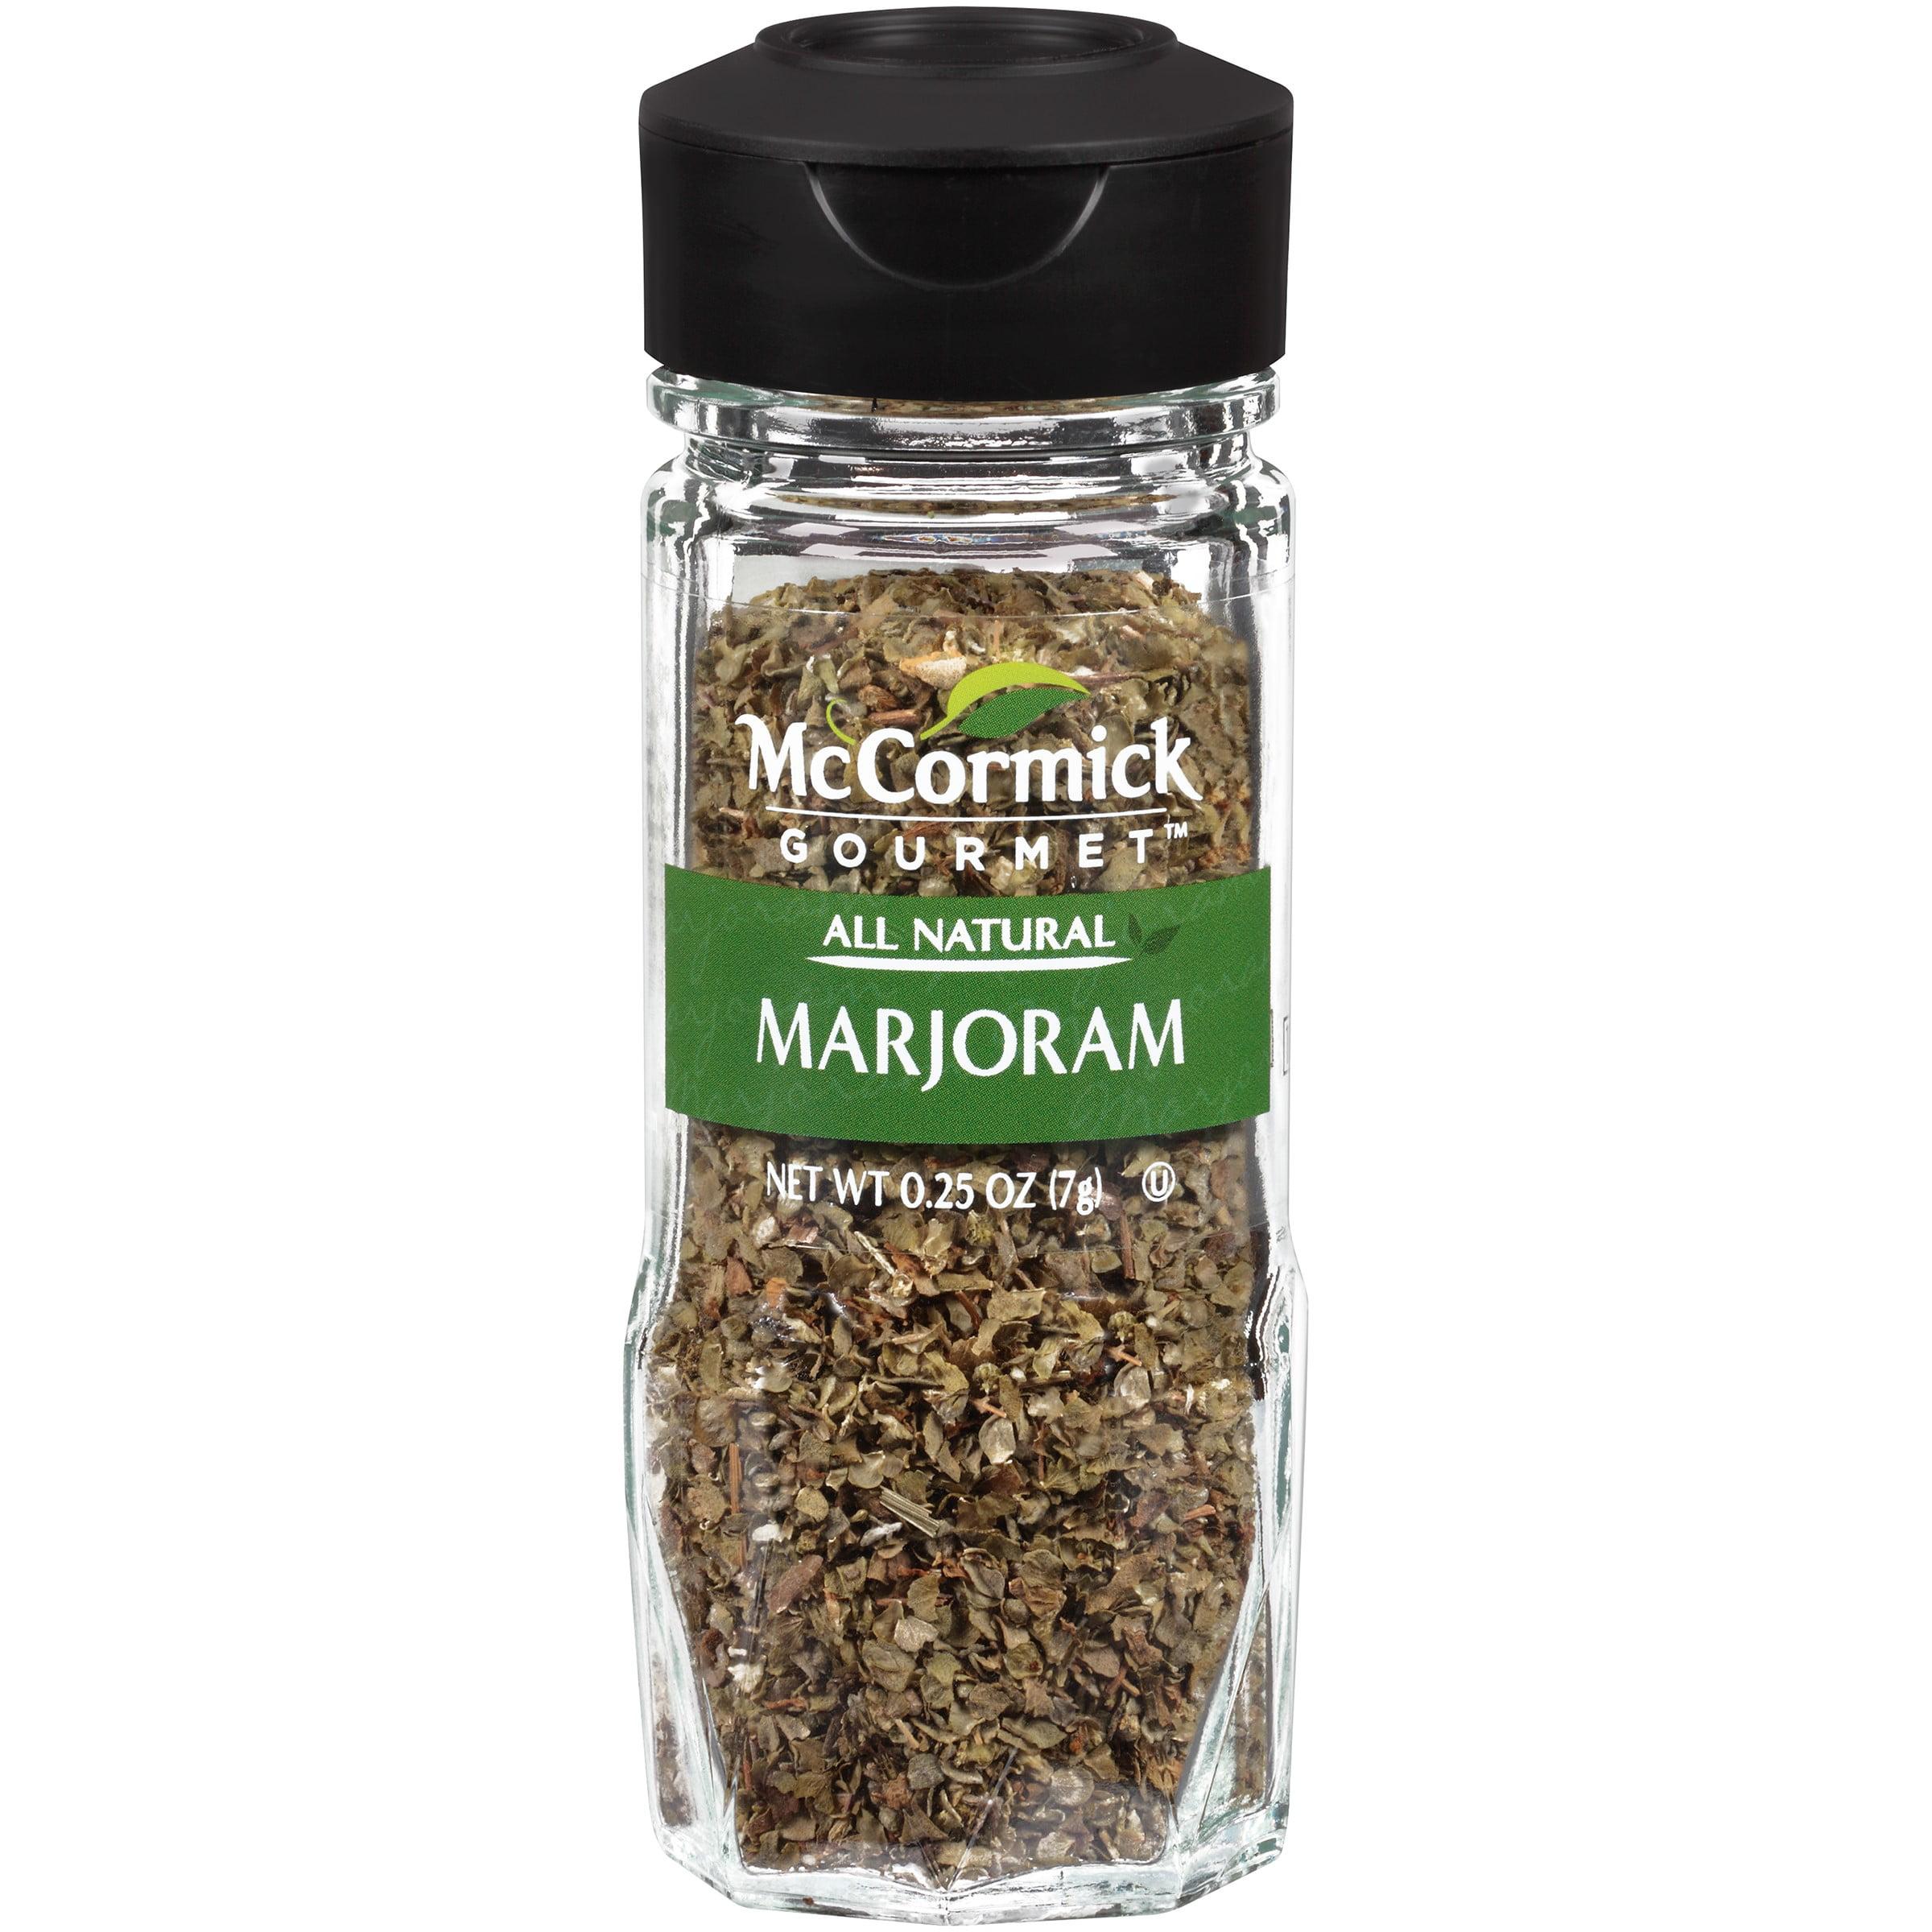 McCormick Gourmet™ All Natural Marjoram 0.25 oz. Shaker